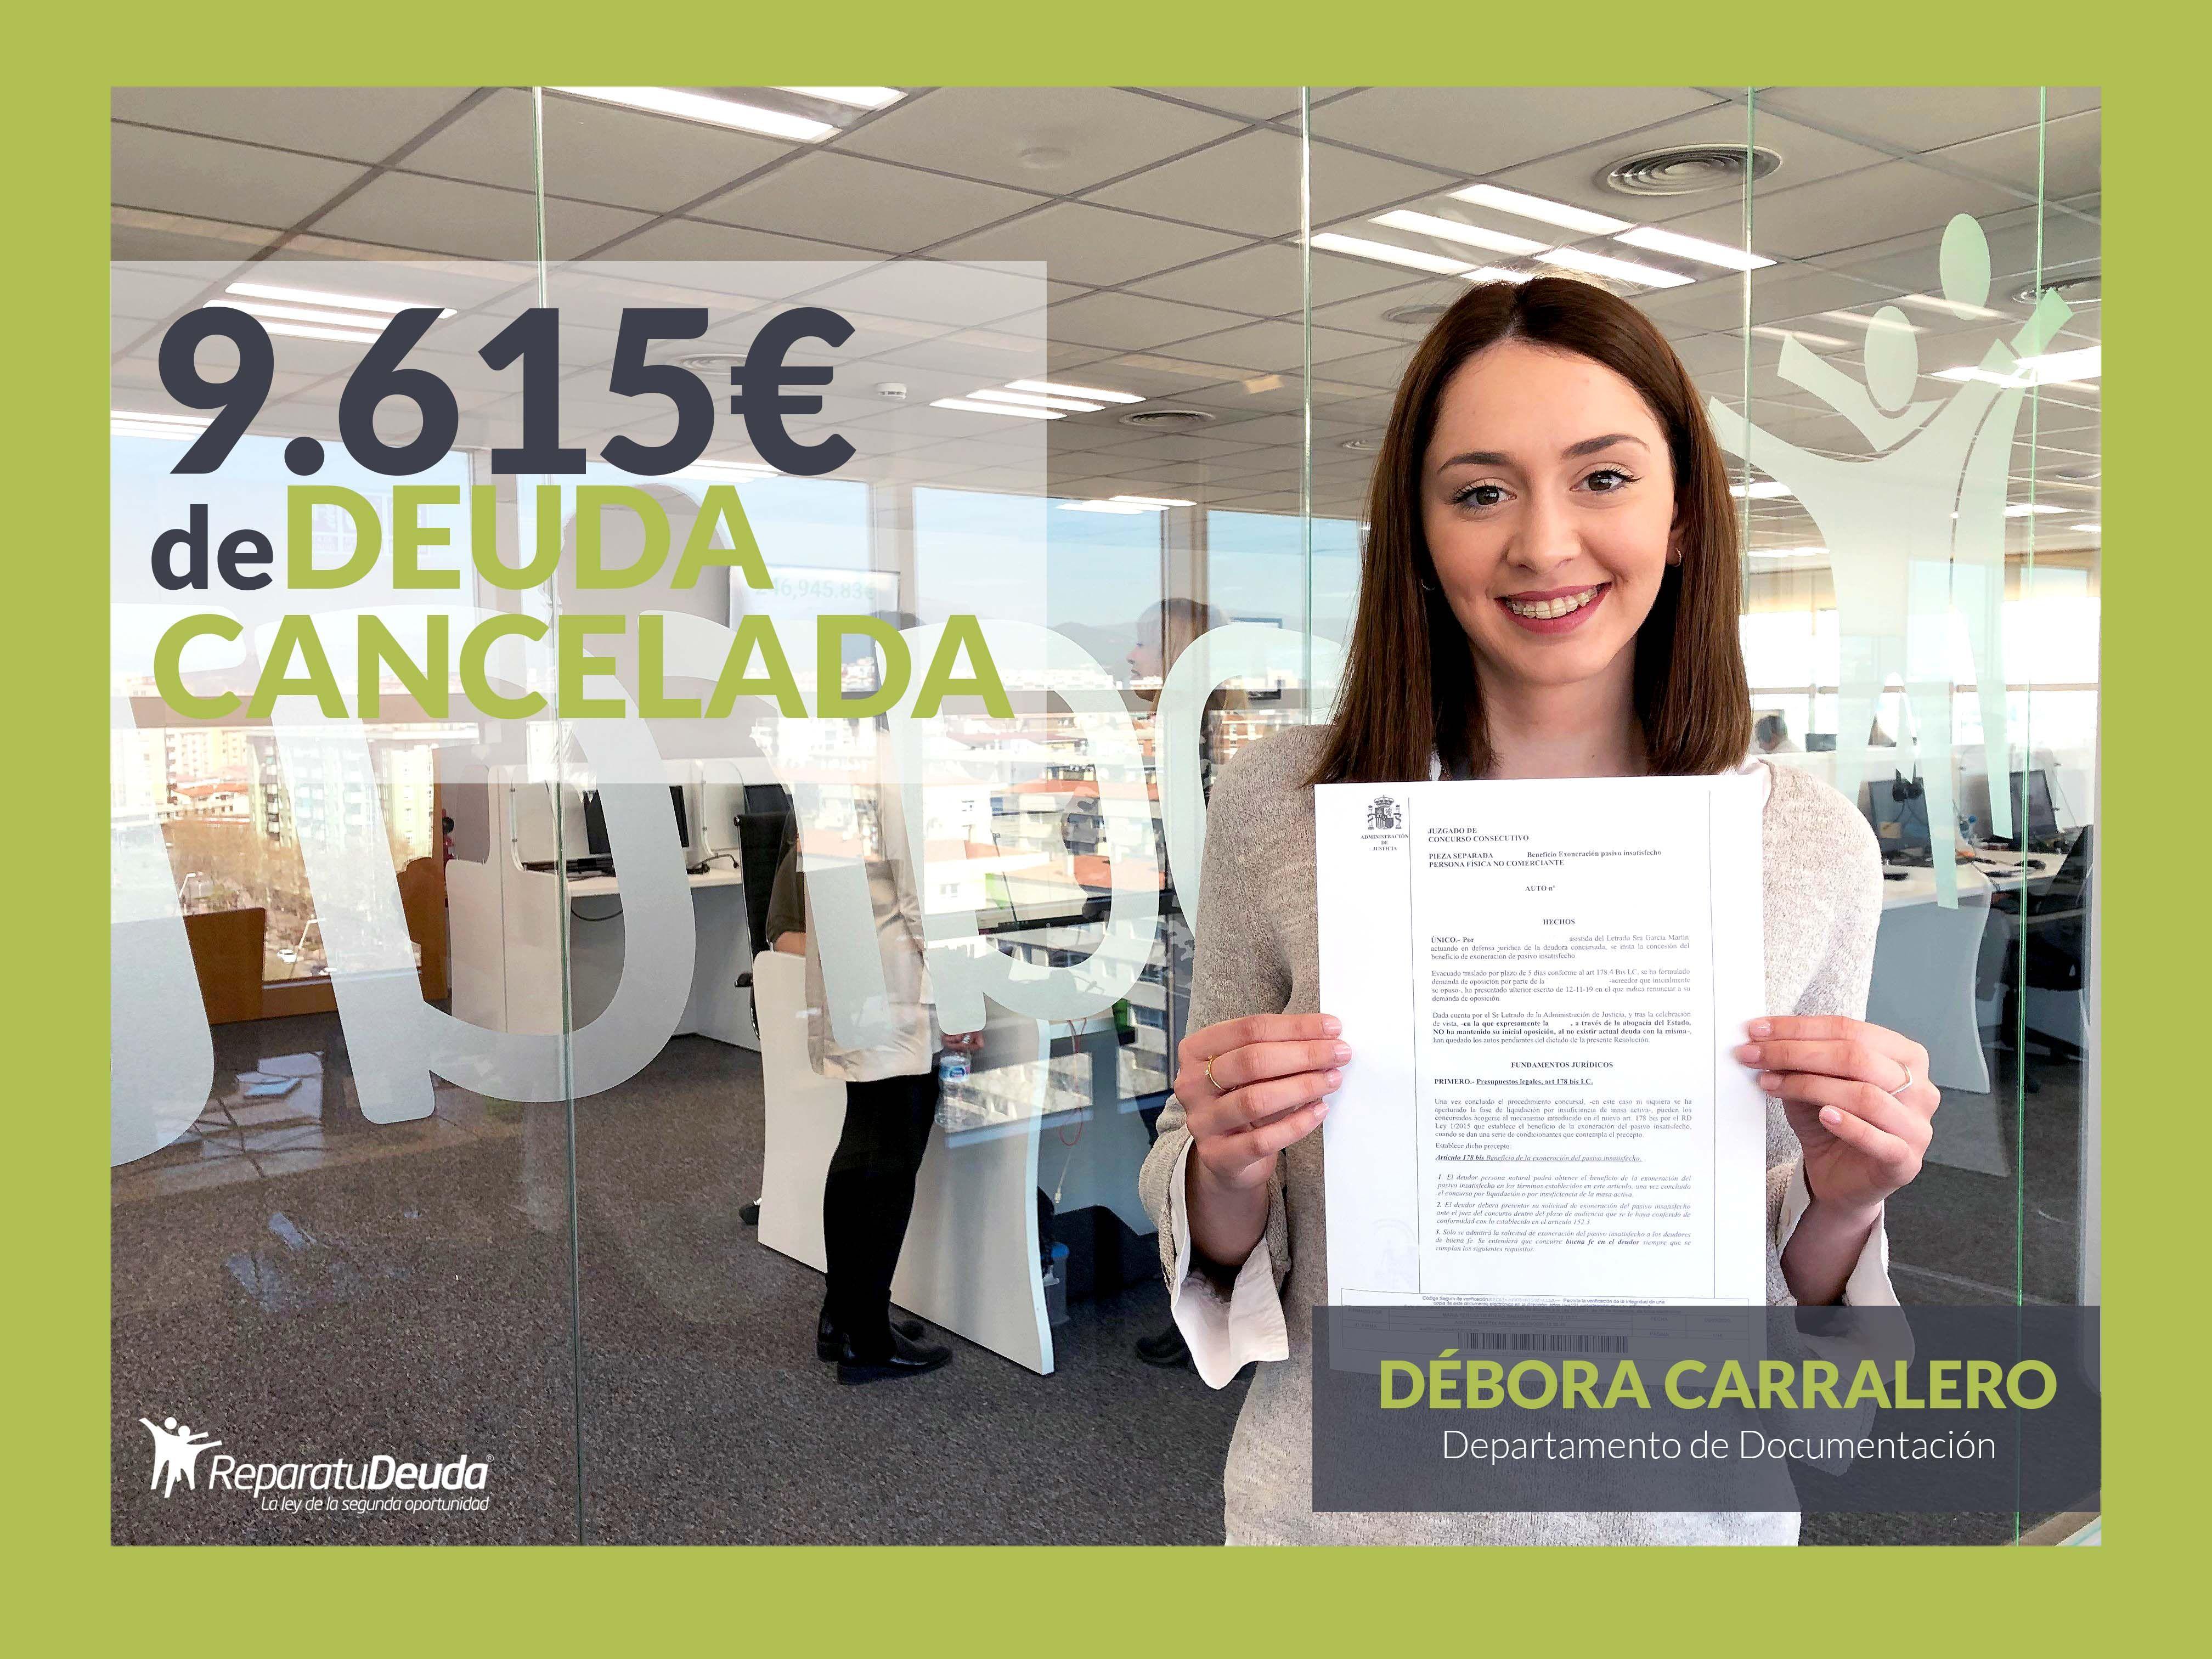 Repara tu Deuda abogados cancela 9.615 eur con 5 Bancos en Barcelona con la Ley de la Segunda Oportunidad